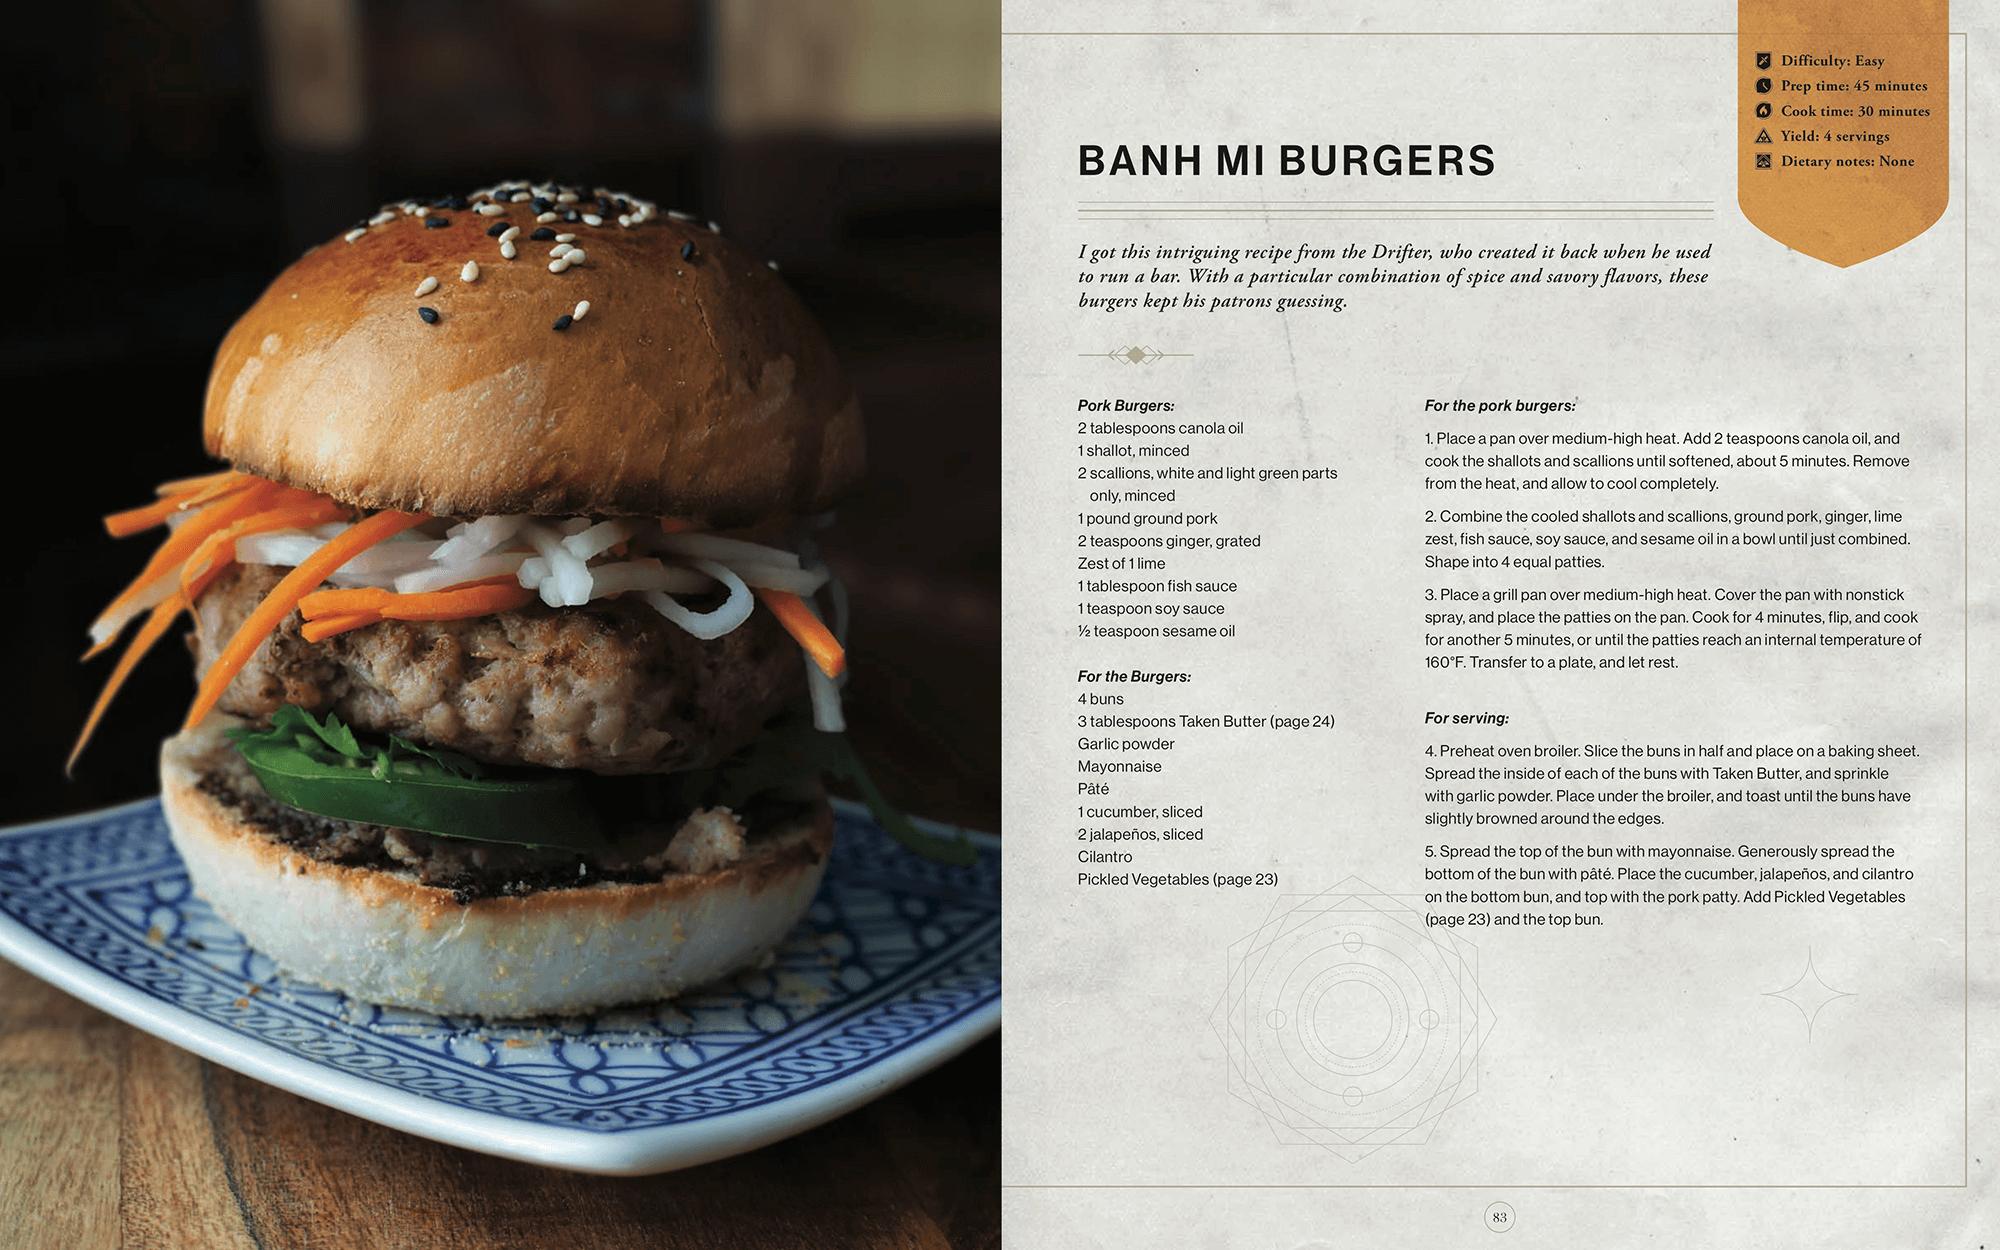 Recept för en Bahn Mi-hamburgare.